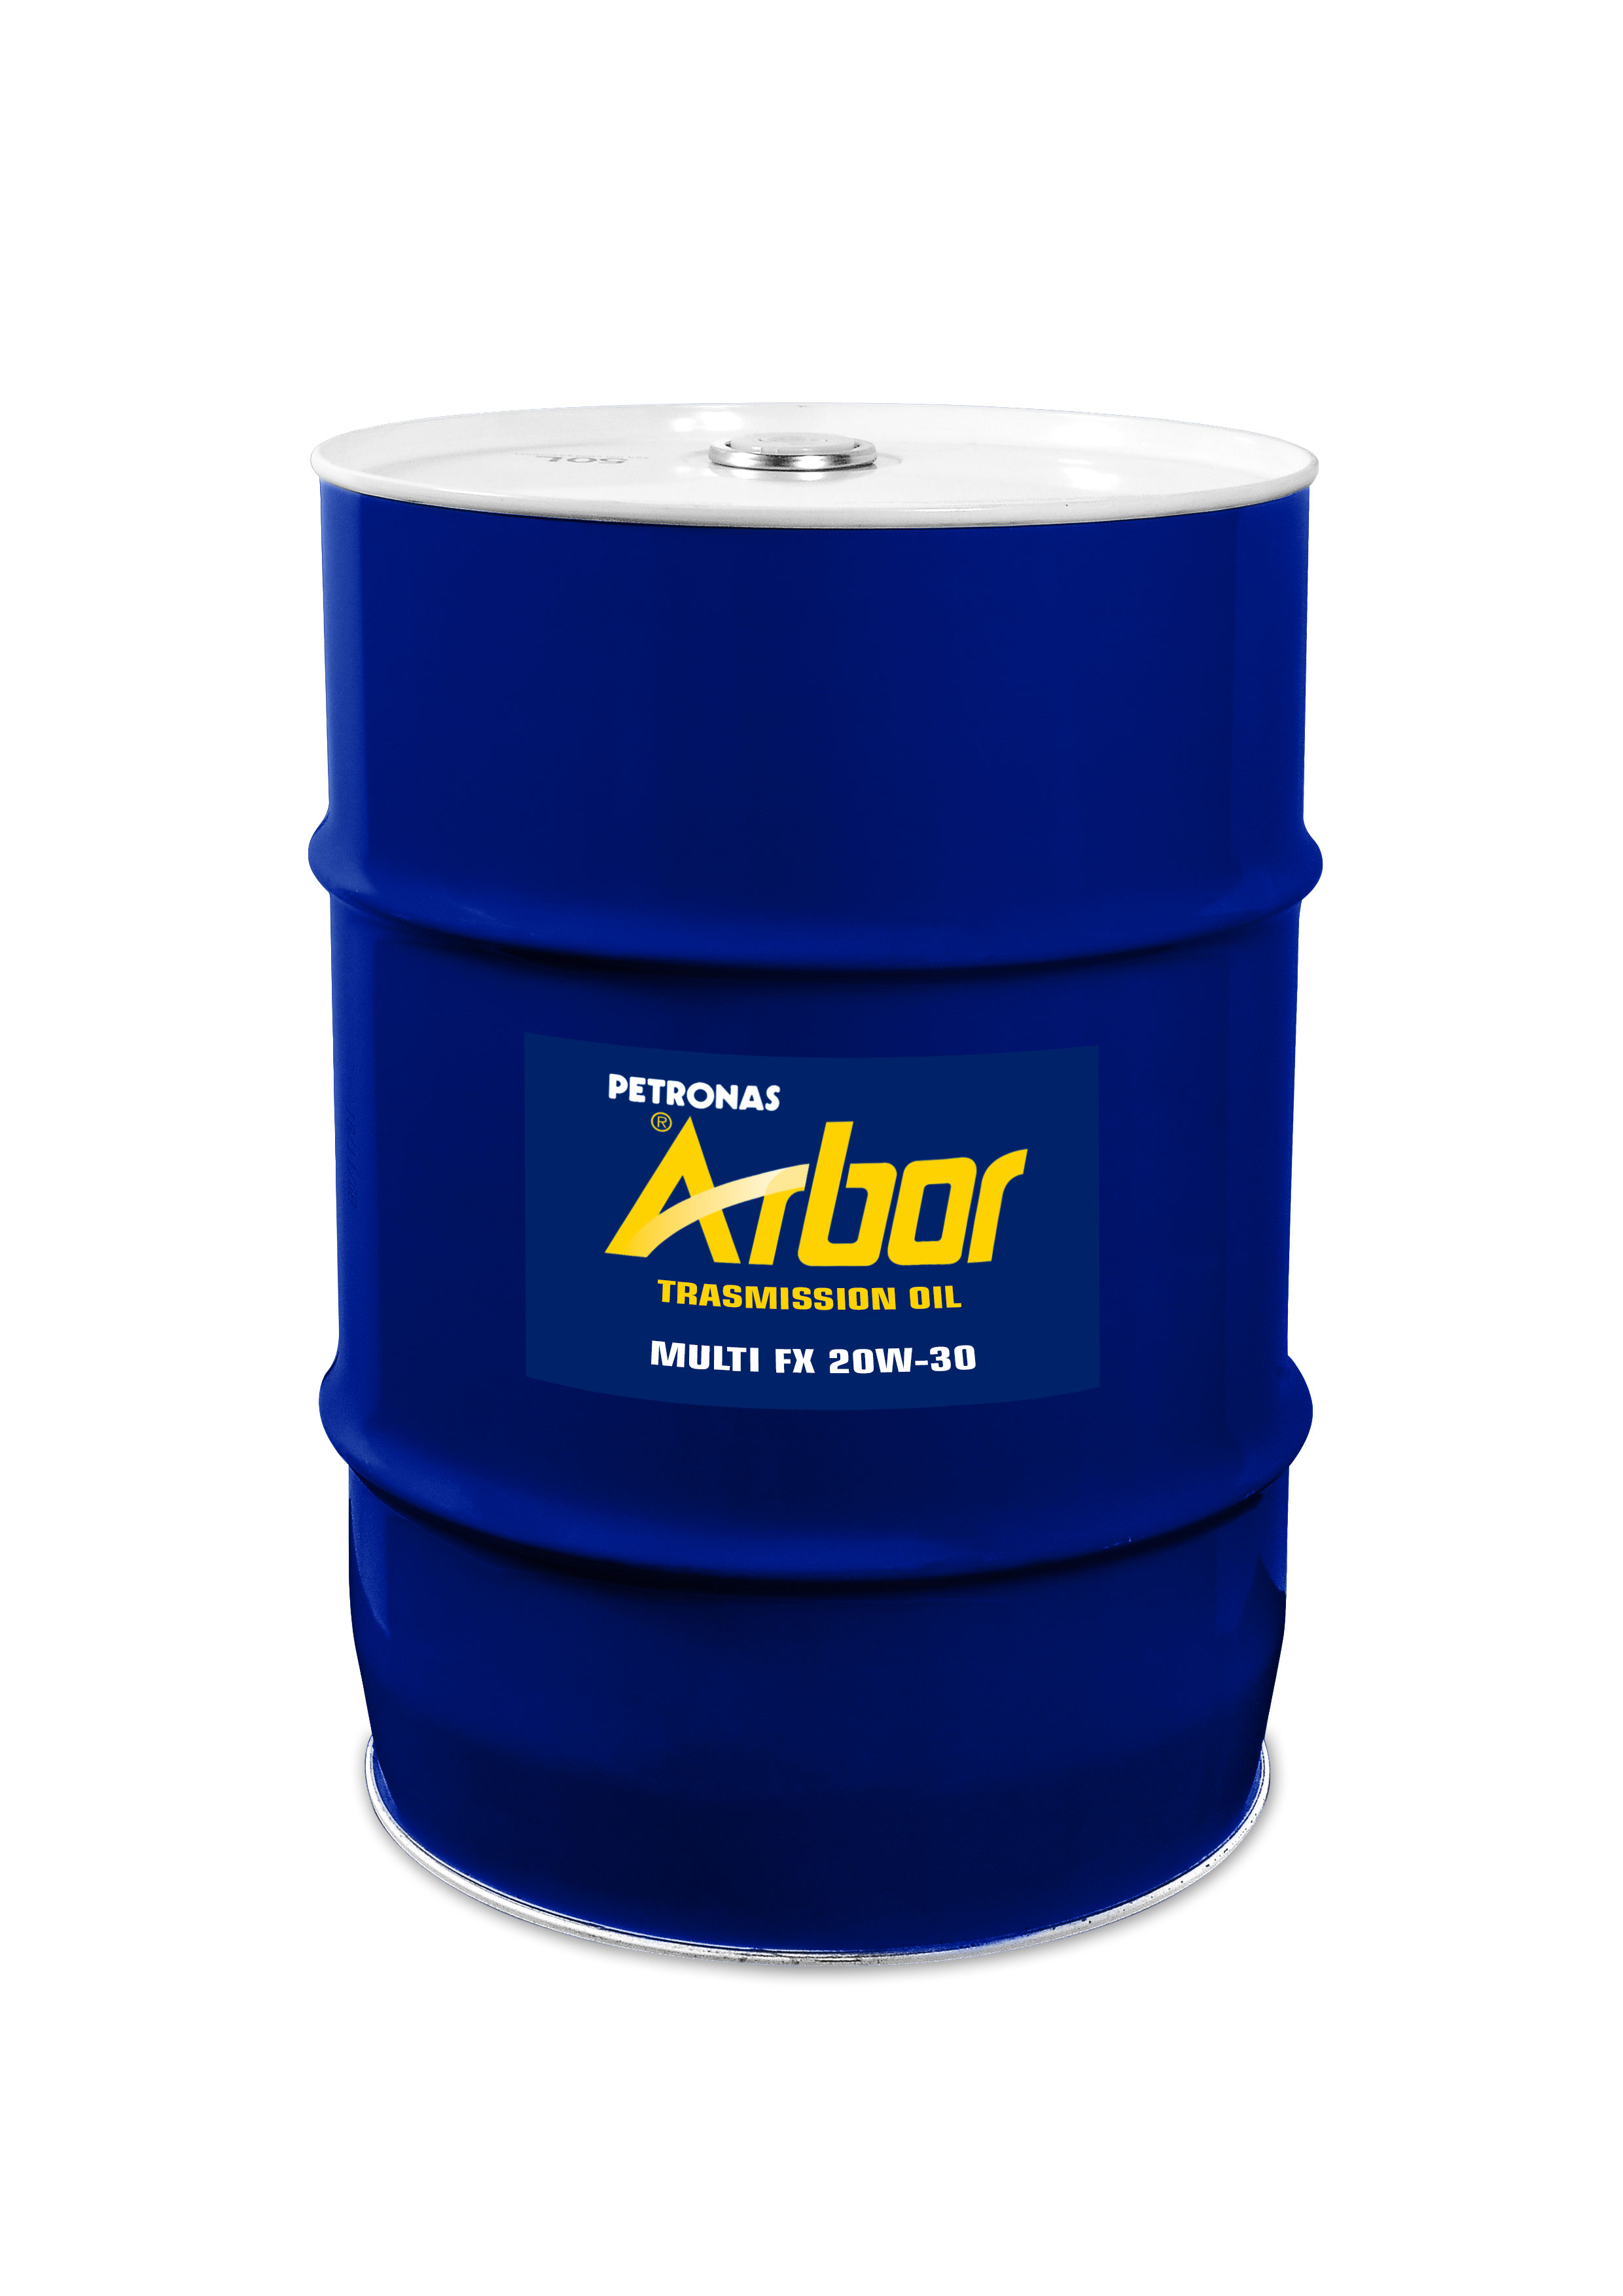 ARBOR MULTI FX 20W30